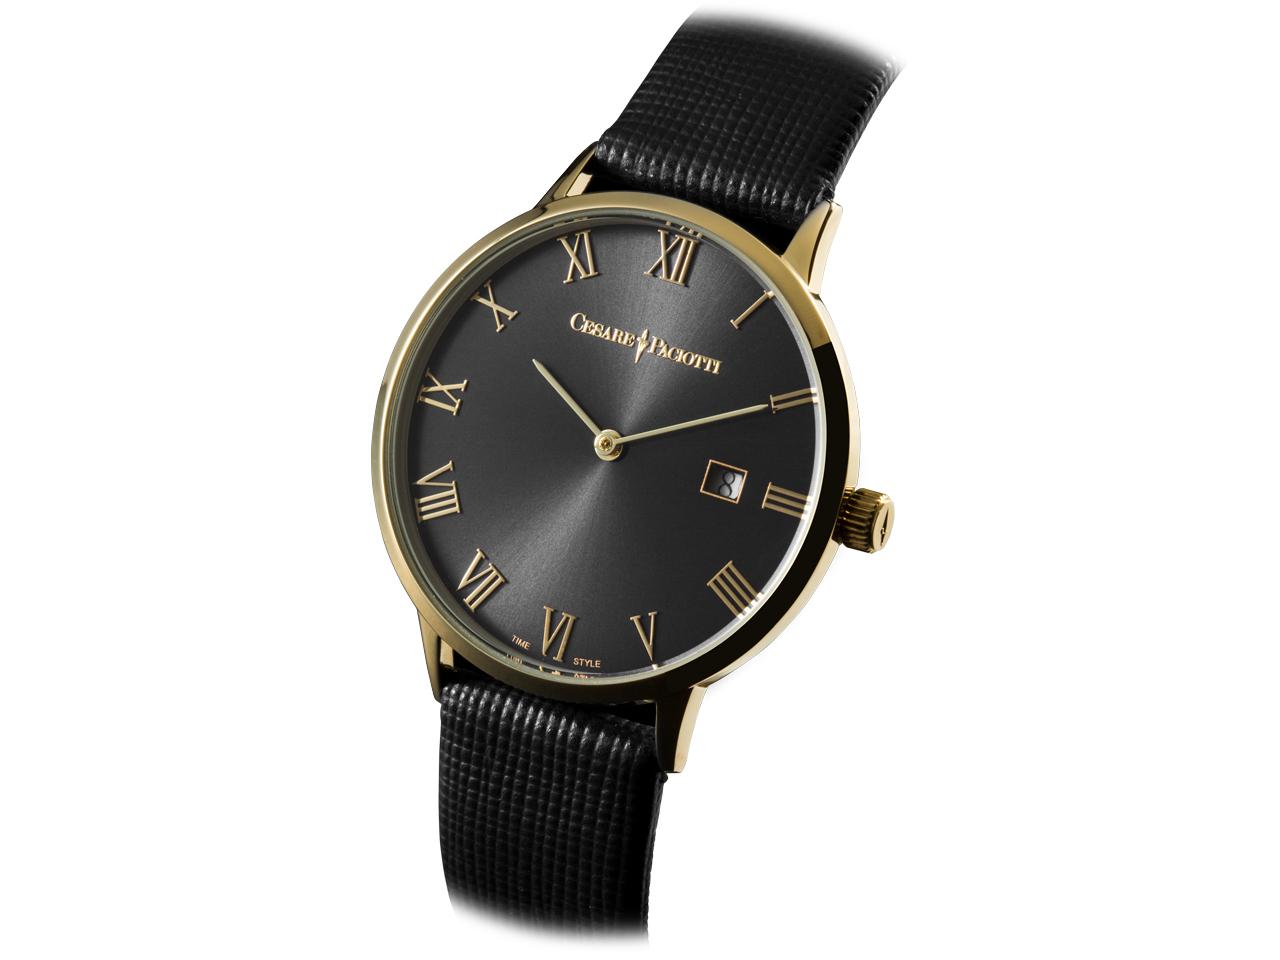 Cesare Paciotti Time Style, SOLO TEMPO - DOMINIC GOLD BLACK